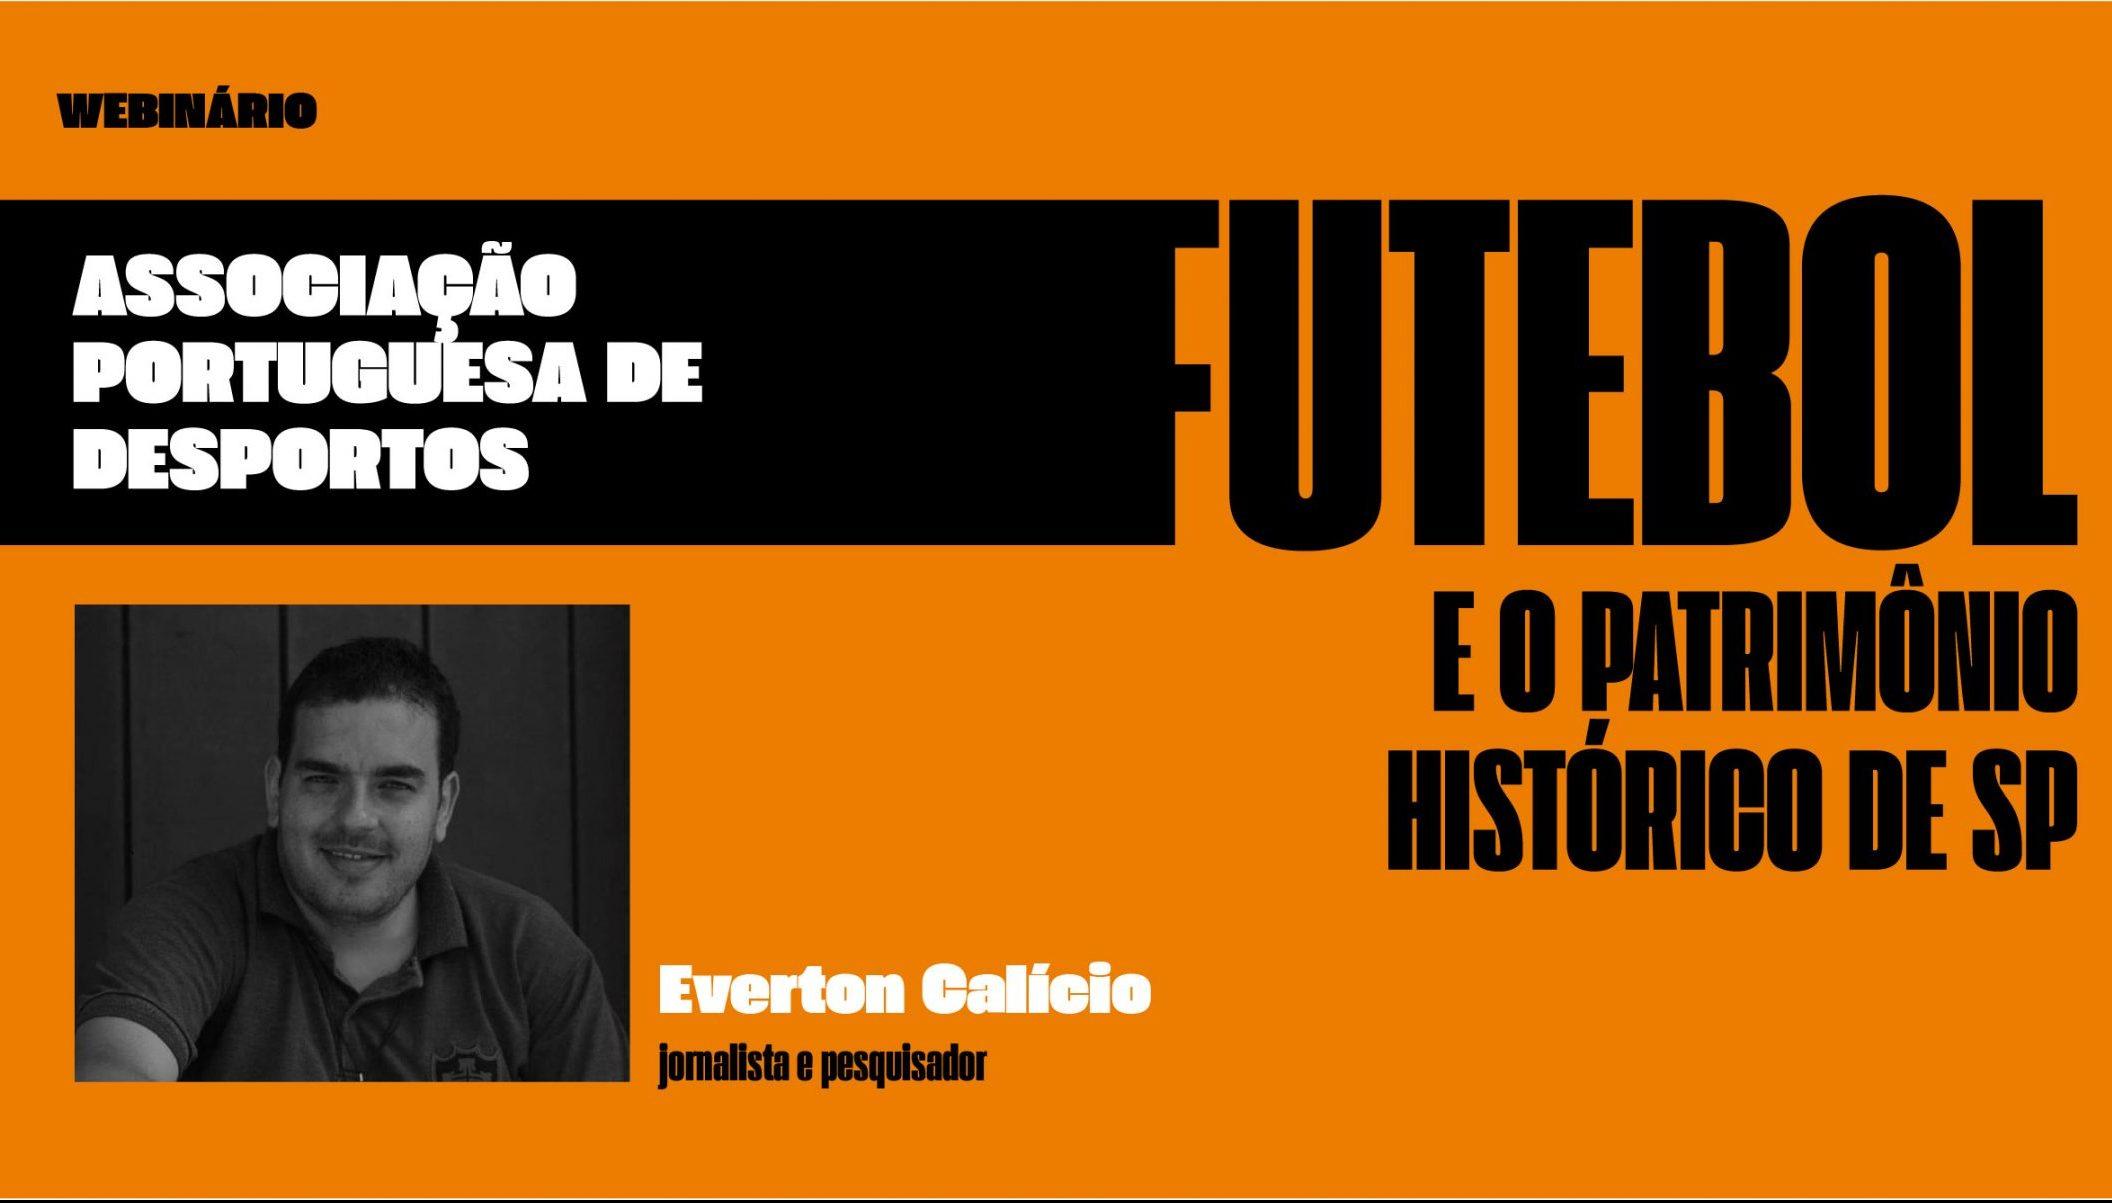 Futebol e o Patrimônio Histórico de SP. Associação Portuguesa de Desportos. Com Everton Calício.